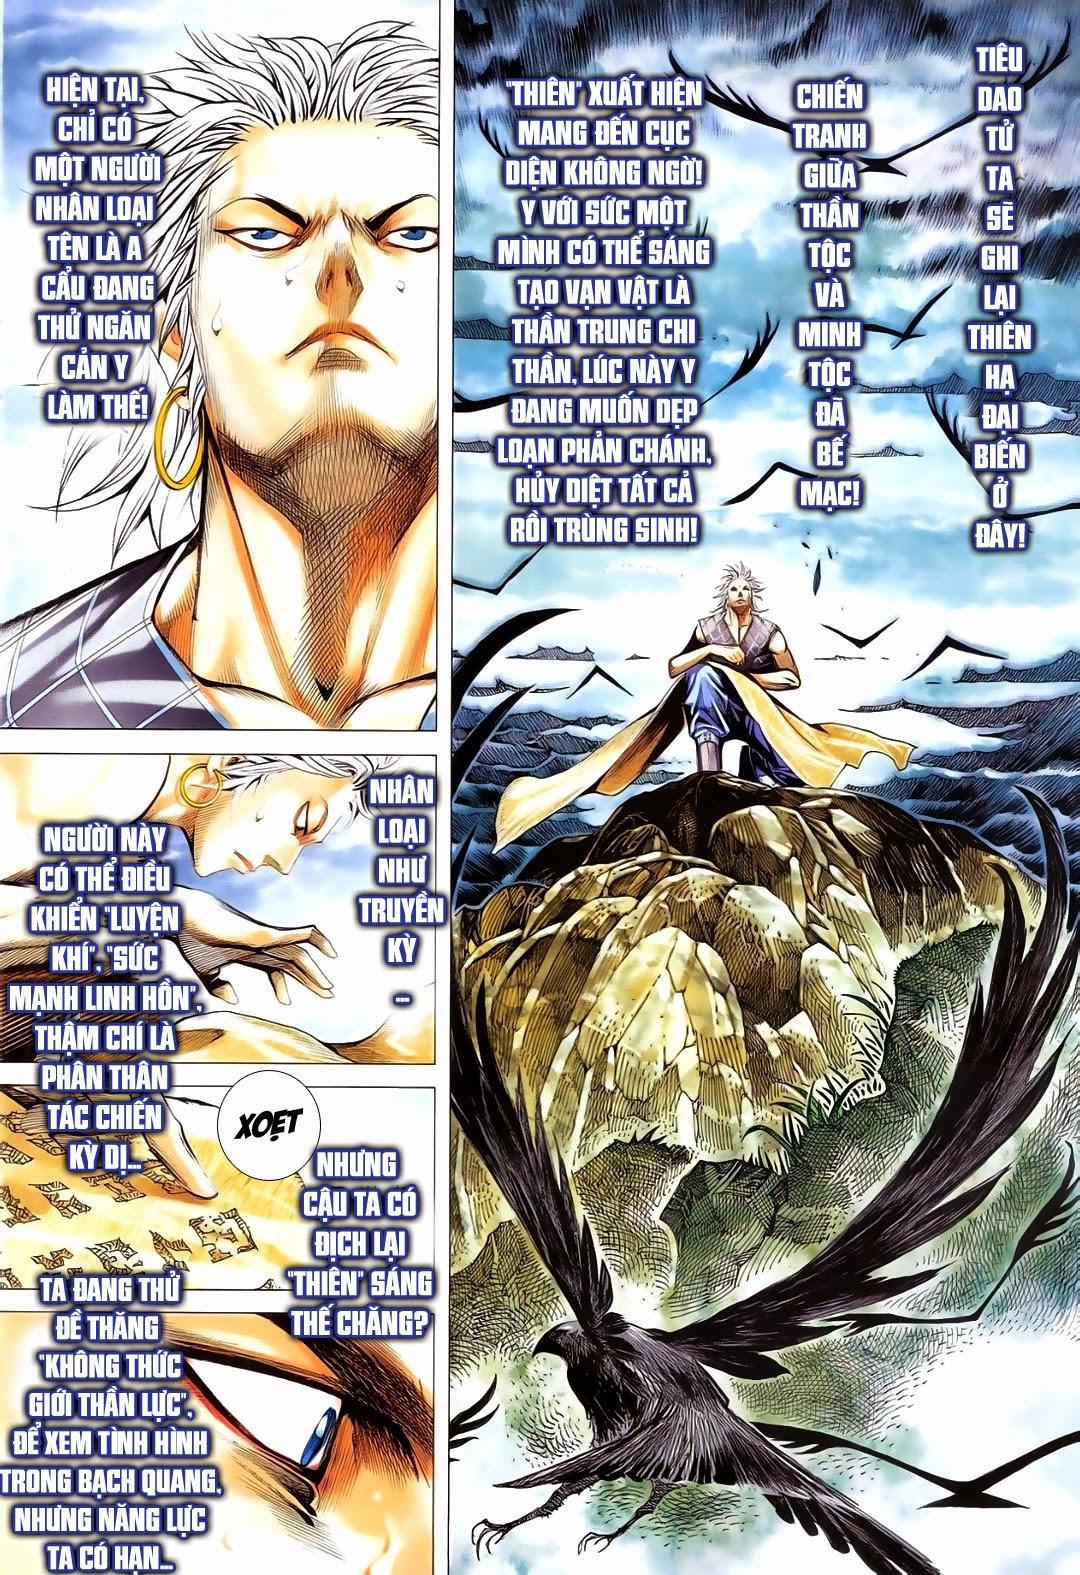 Phong Thần Ký chap 181 - Trang 2